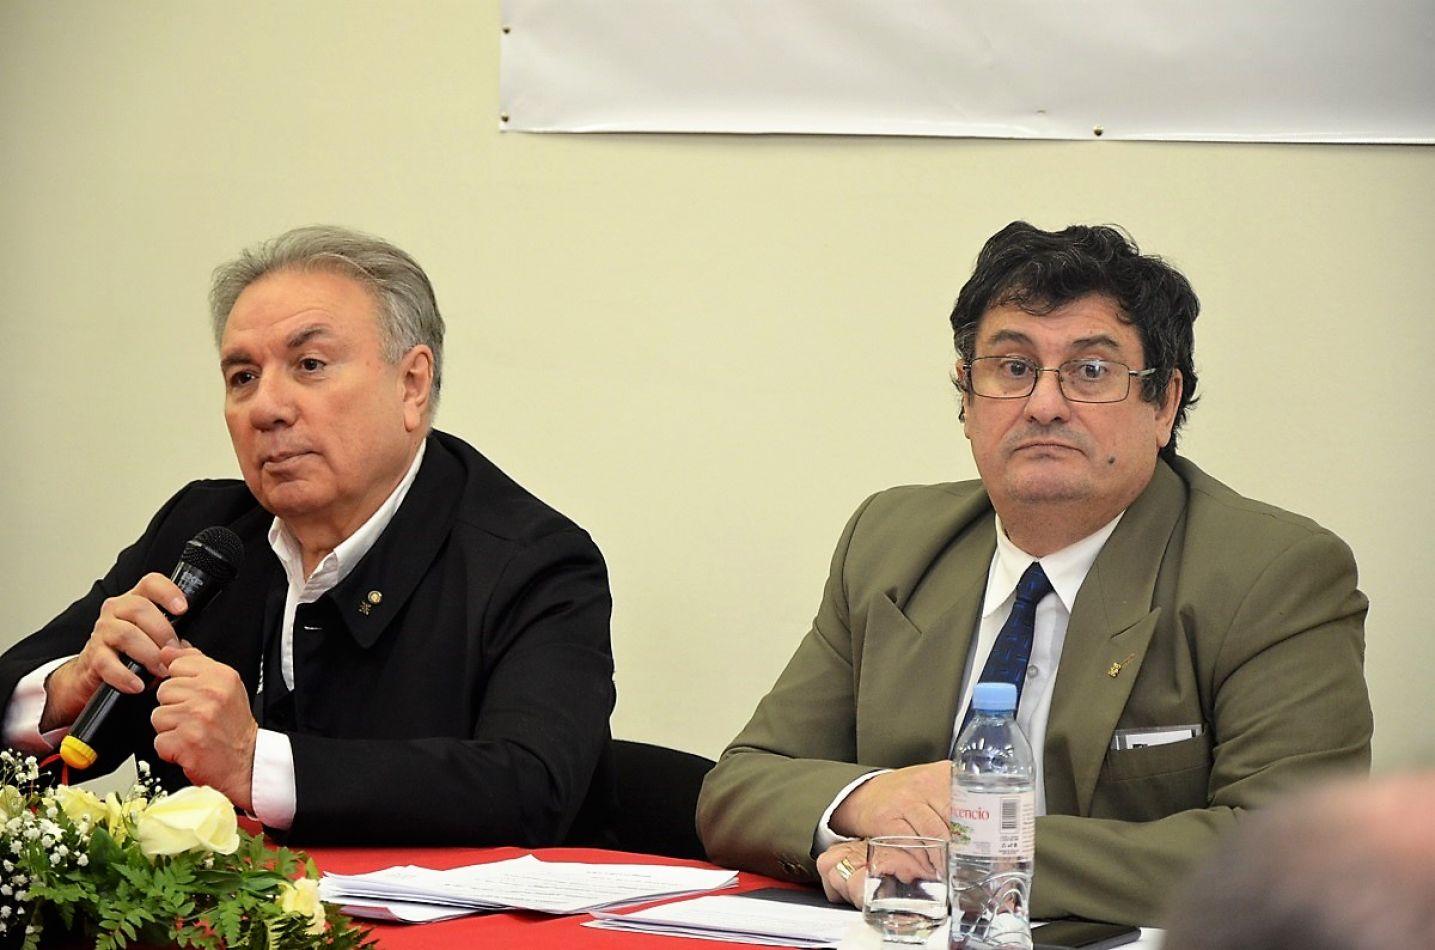 Los Ingenieros Ferreyra y Alvarez continuarán frente a la UTN